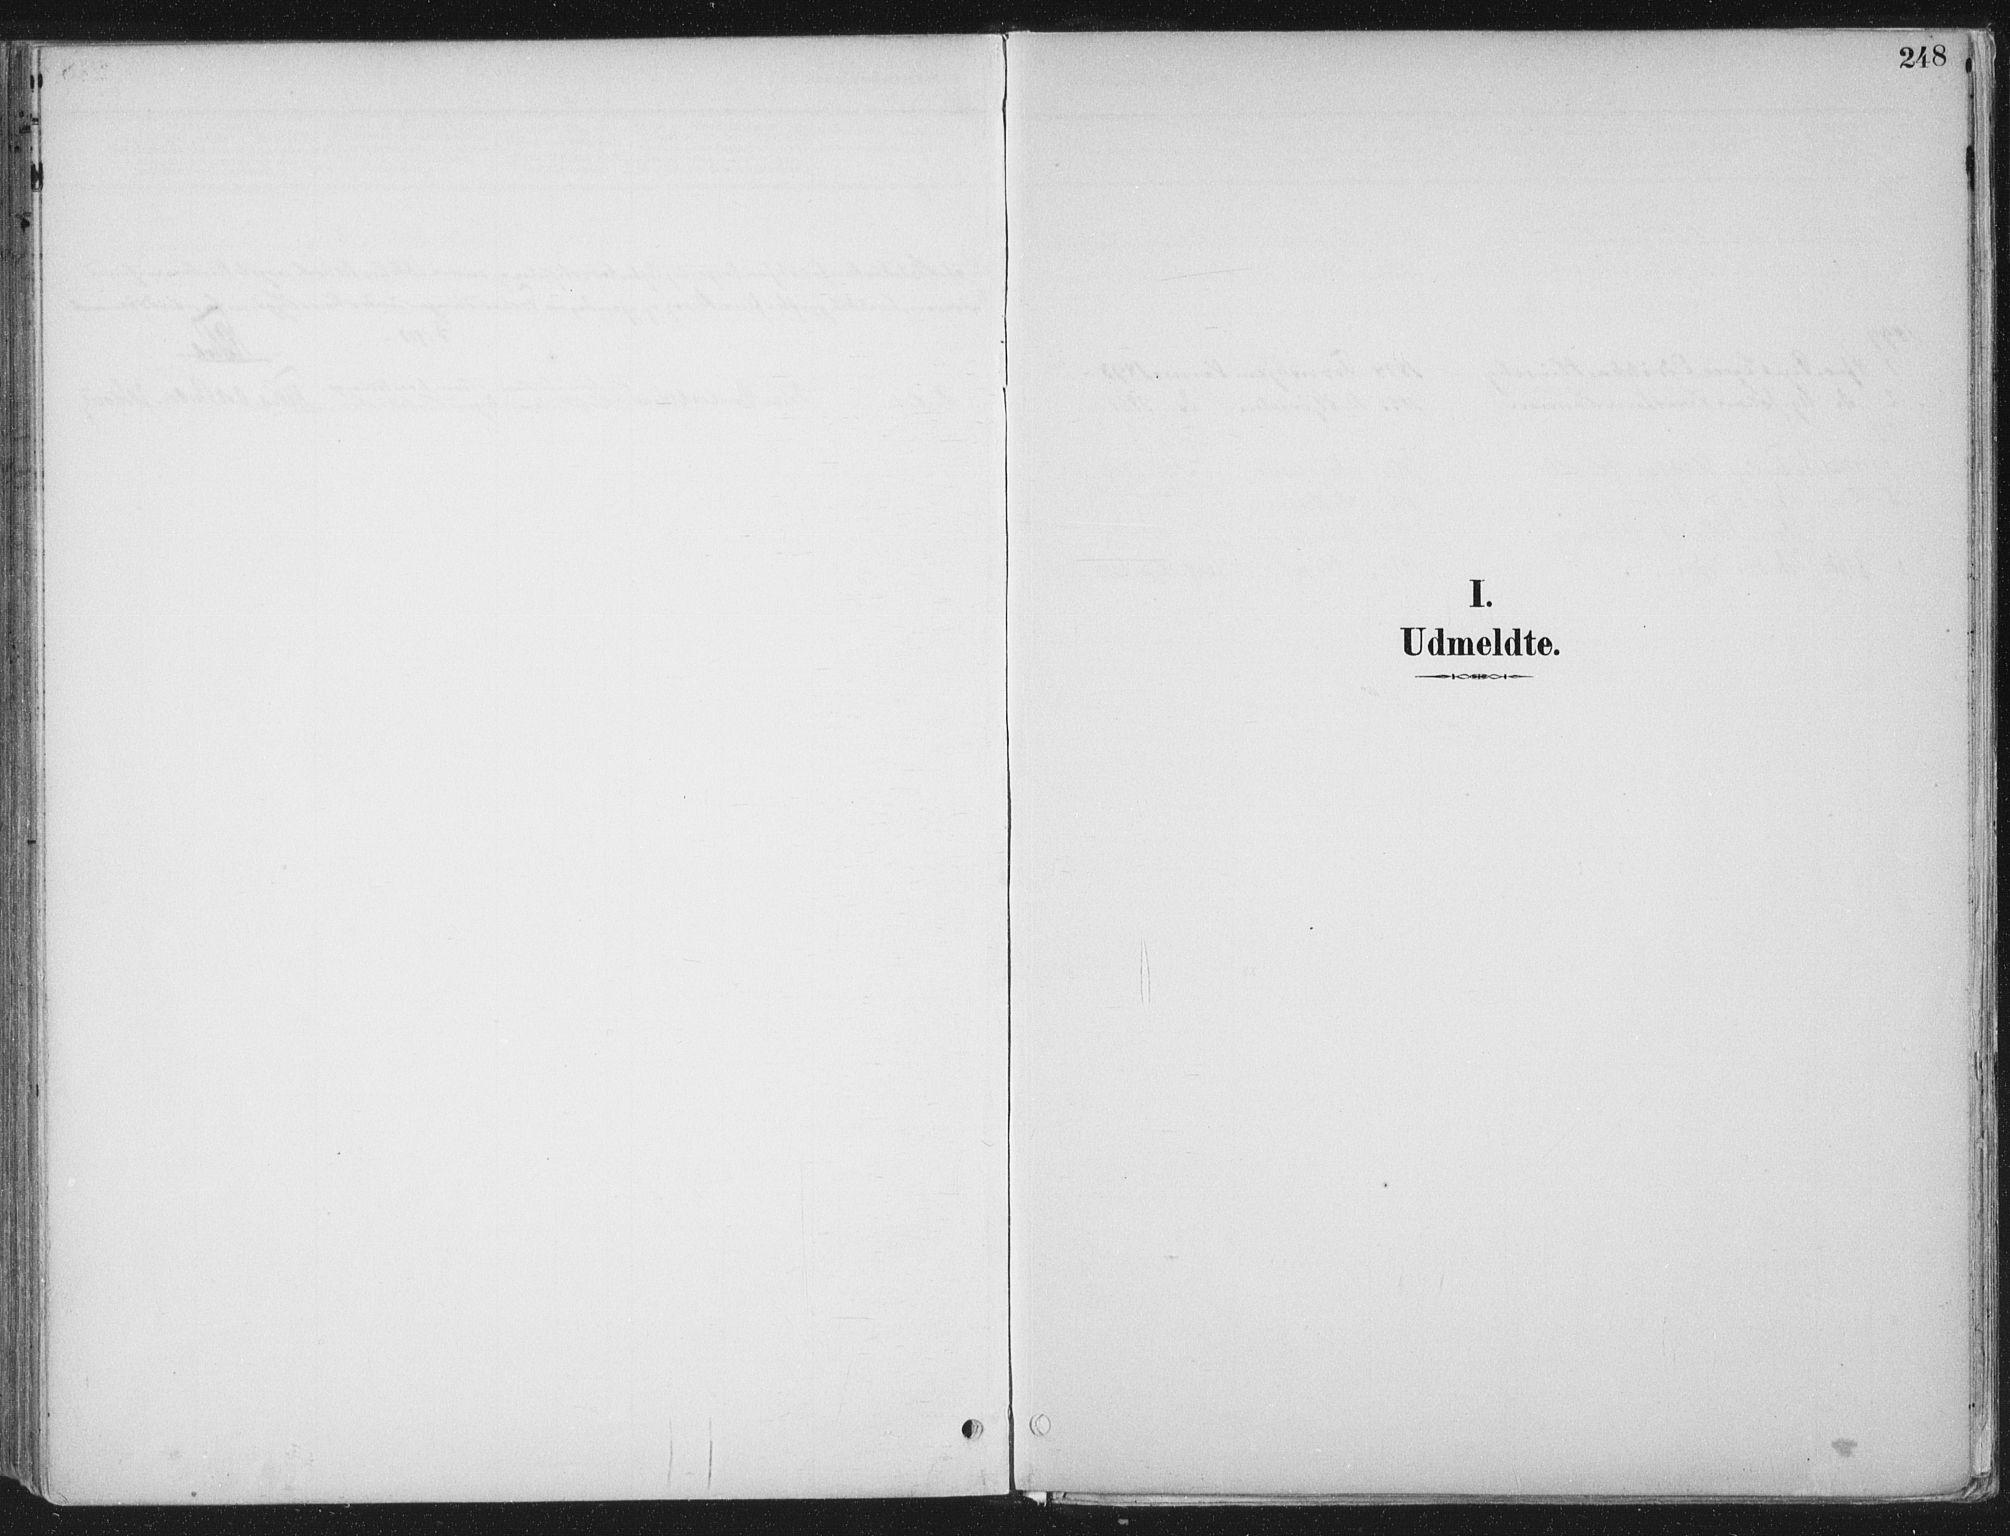 SAT, Ministerialprotokoller, klokkerbøker og fødselsregistre - Nord-Trøndelag, 709/L0082: Ministerialbok nr. 709A22, 1896-1916, s. 248